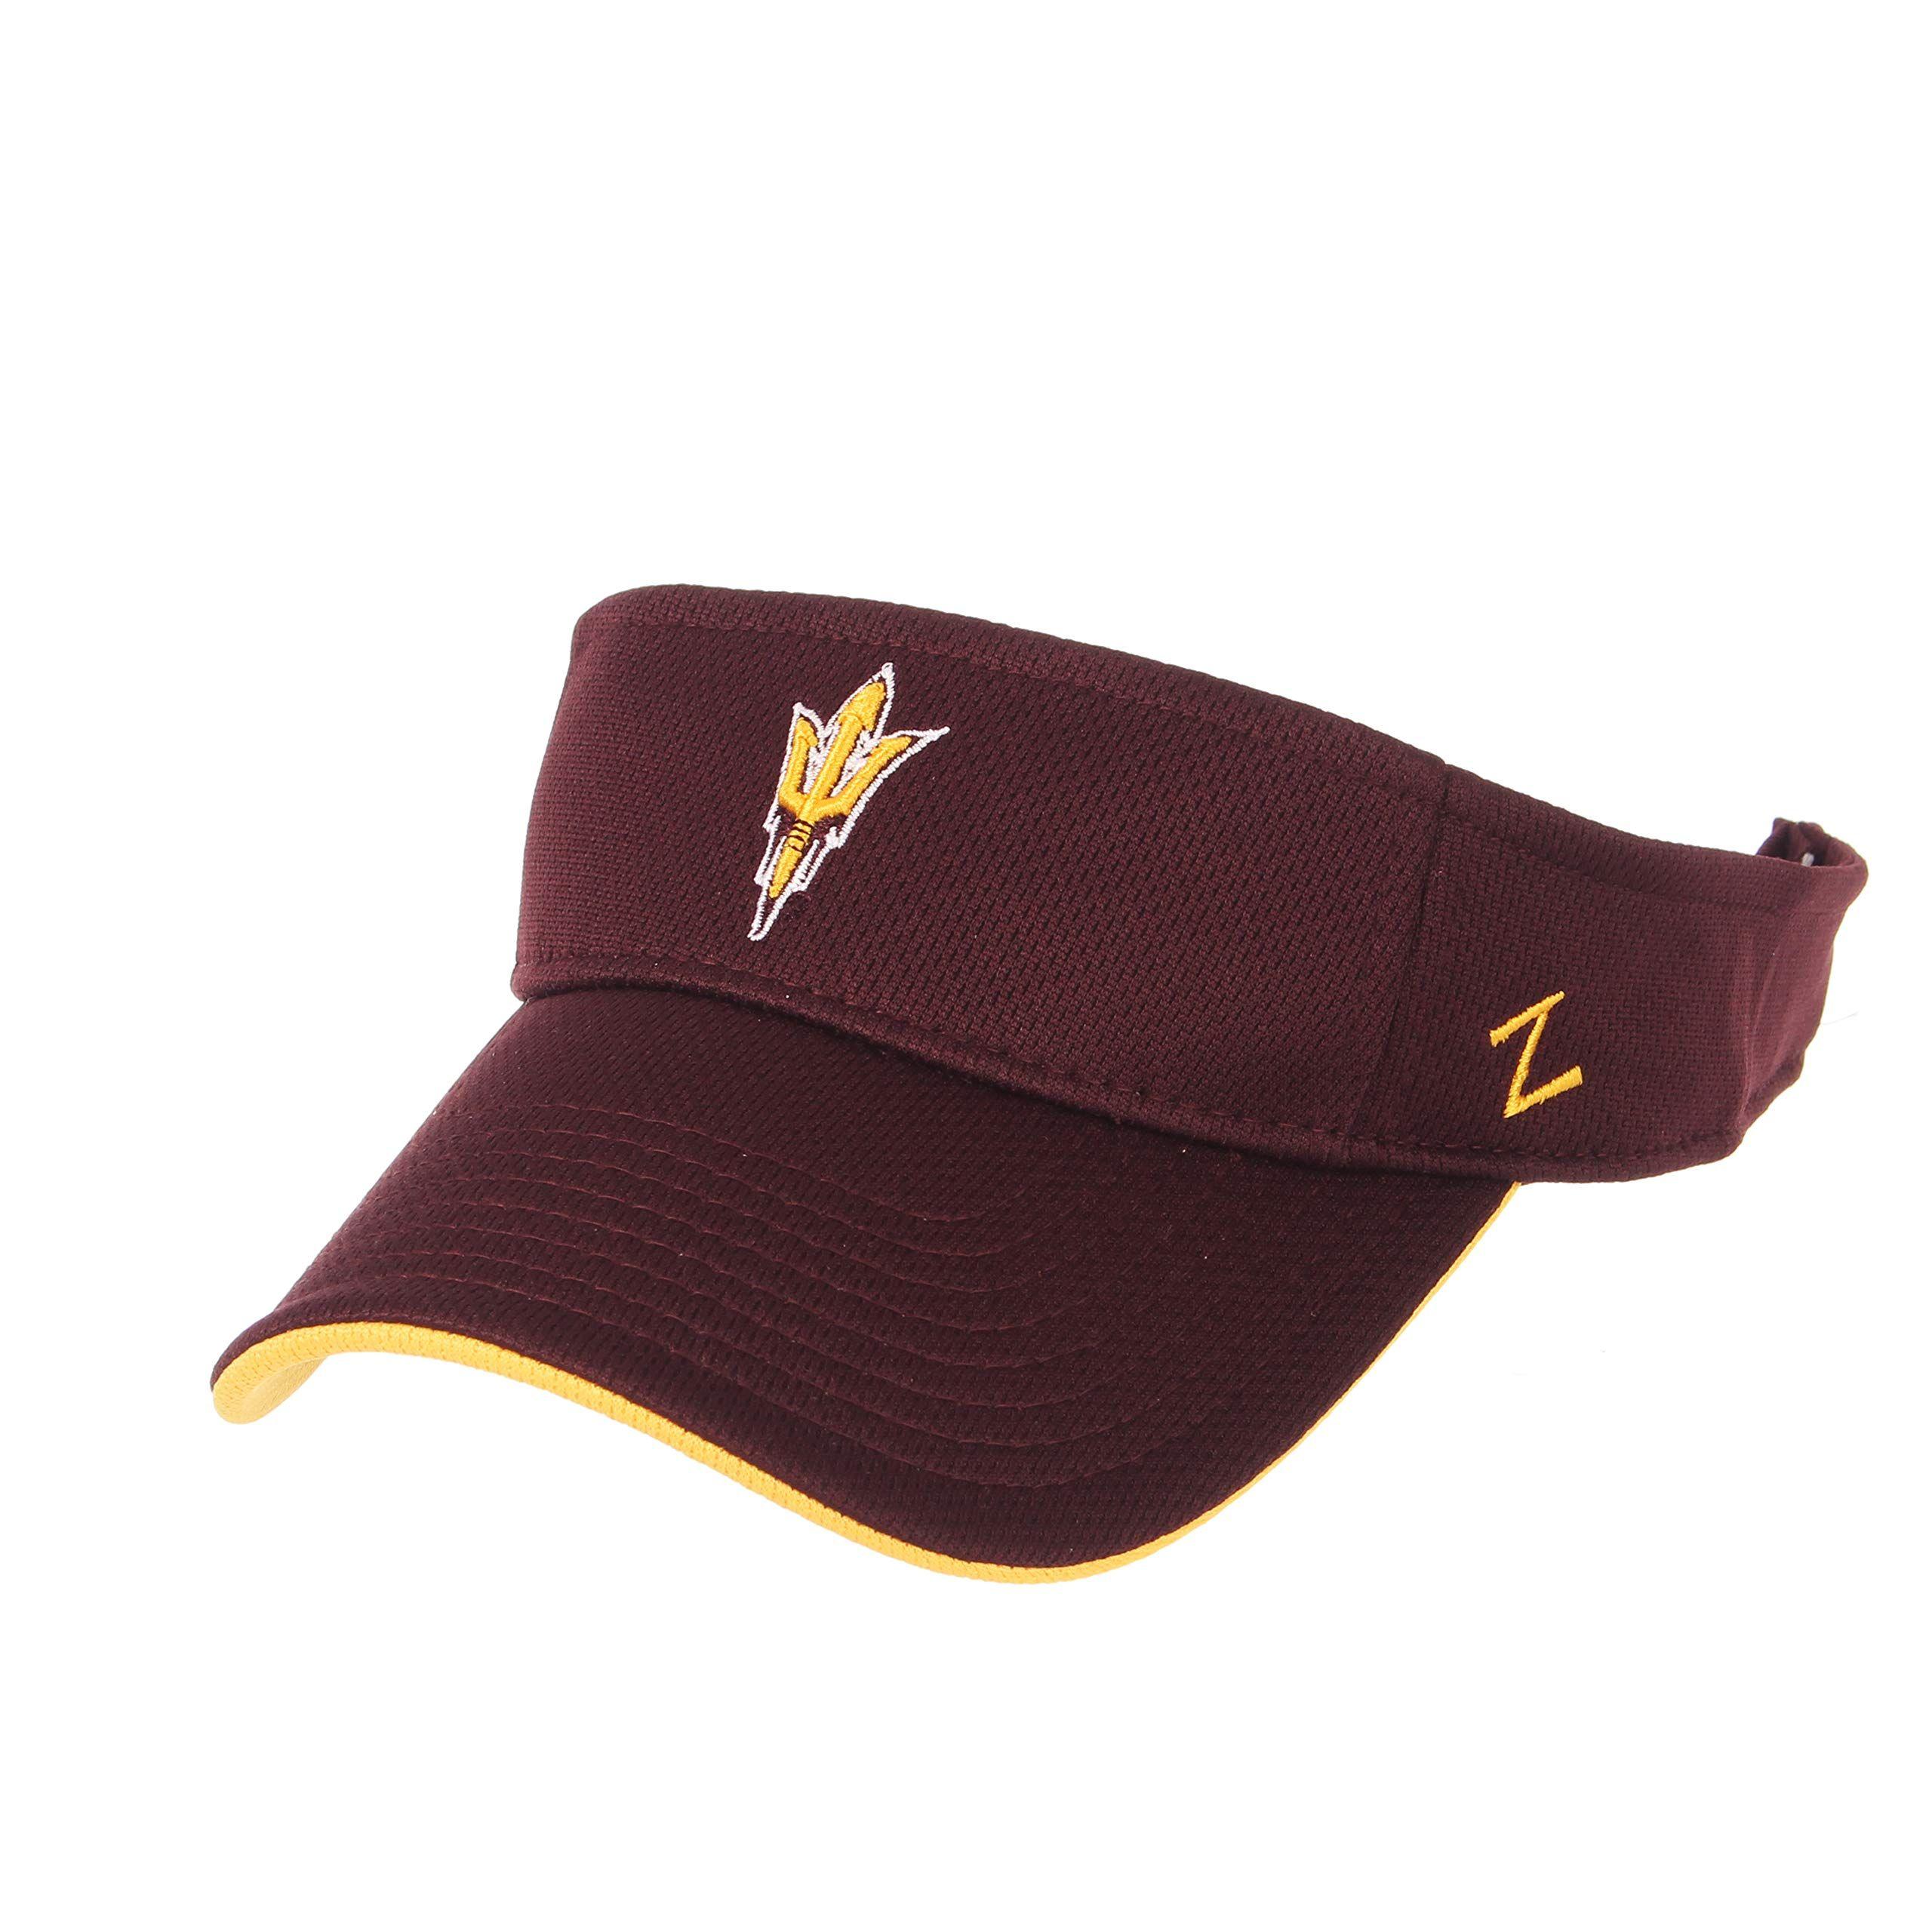 Sports   Outdoors   Fan Shop   Caps   Hats   Visors  577in Sports    Outdoors   Fan Shop   Golf Store  2379in  10903955766